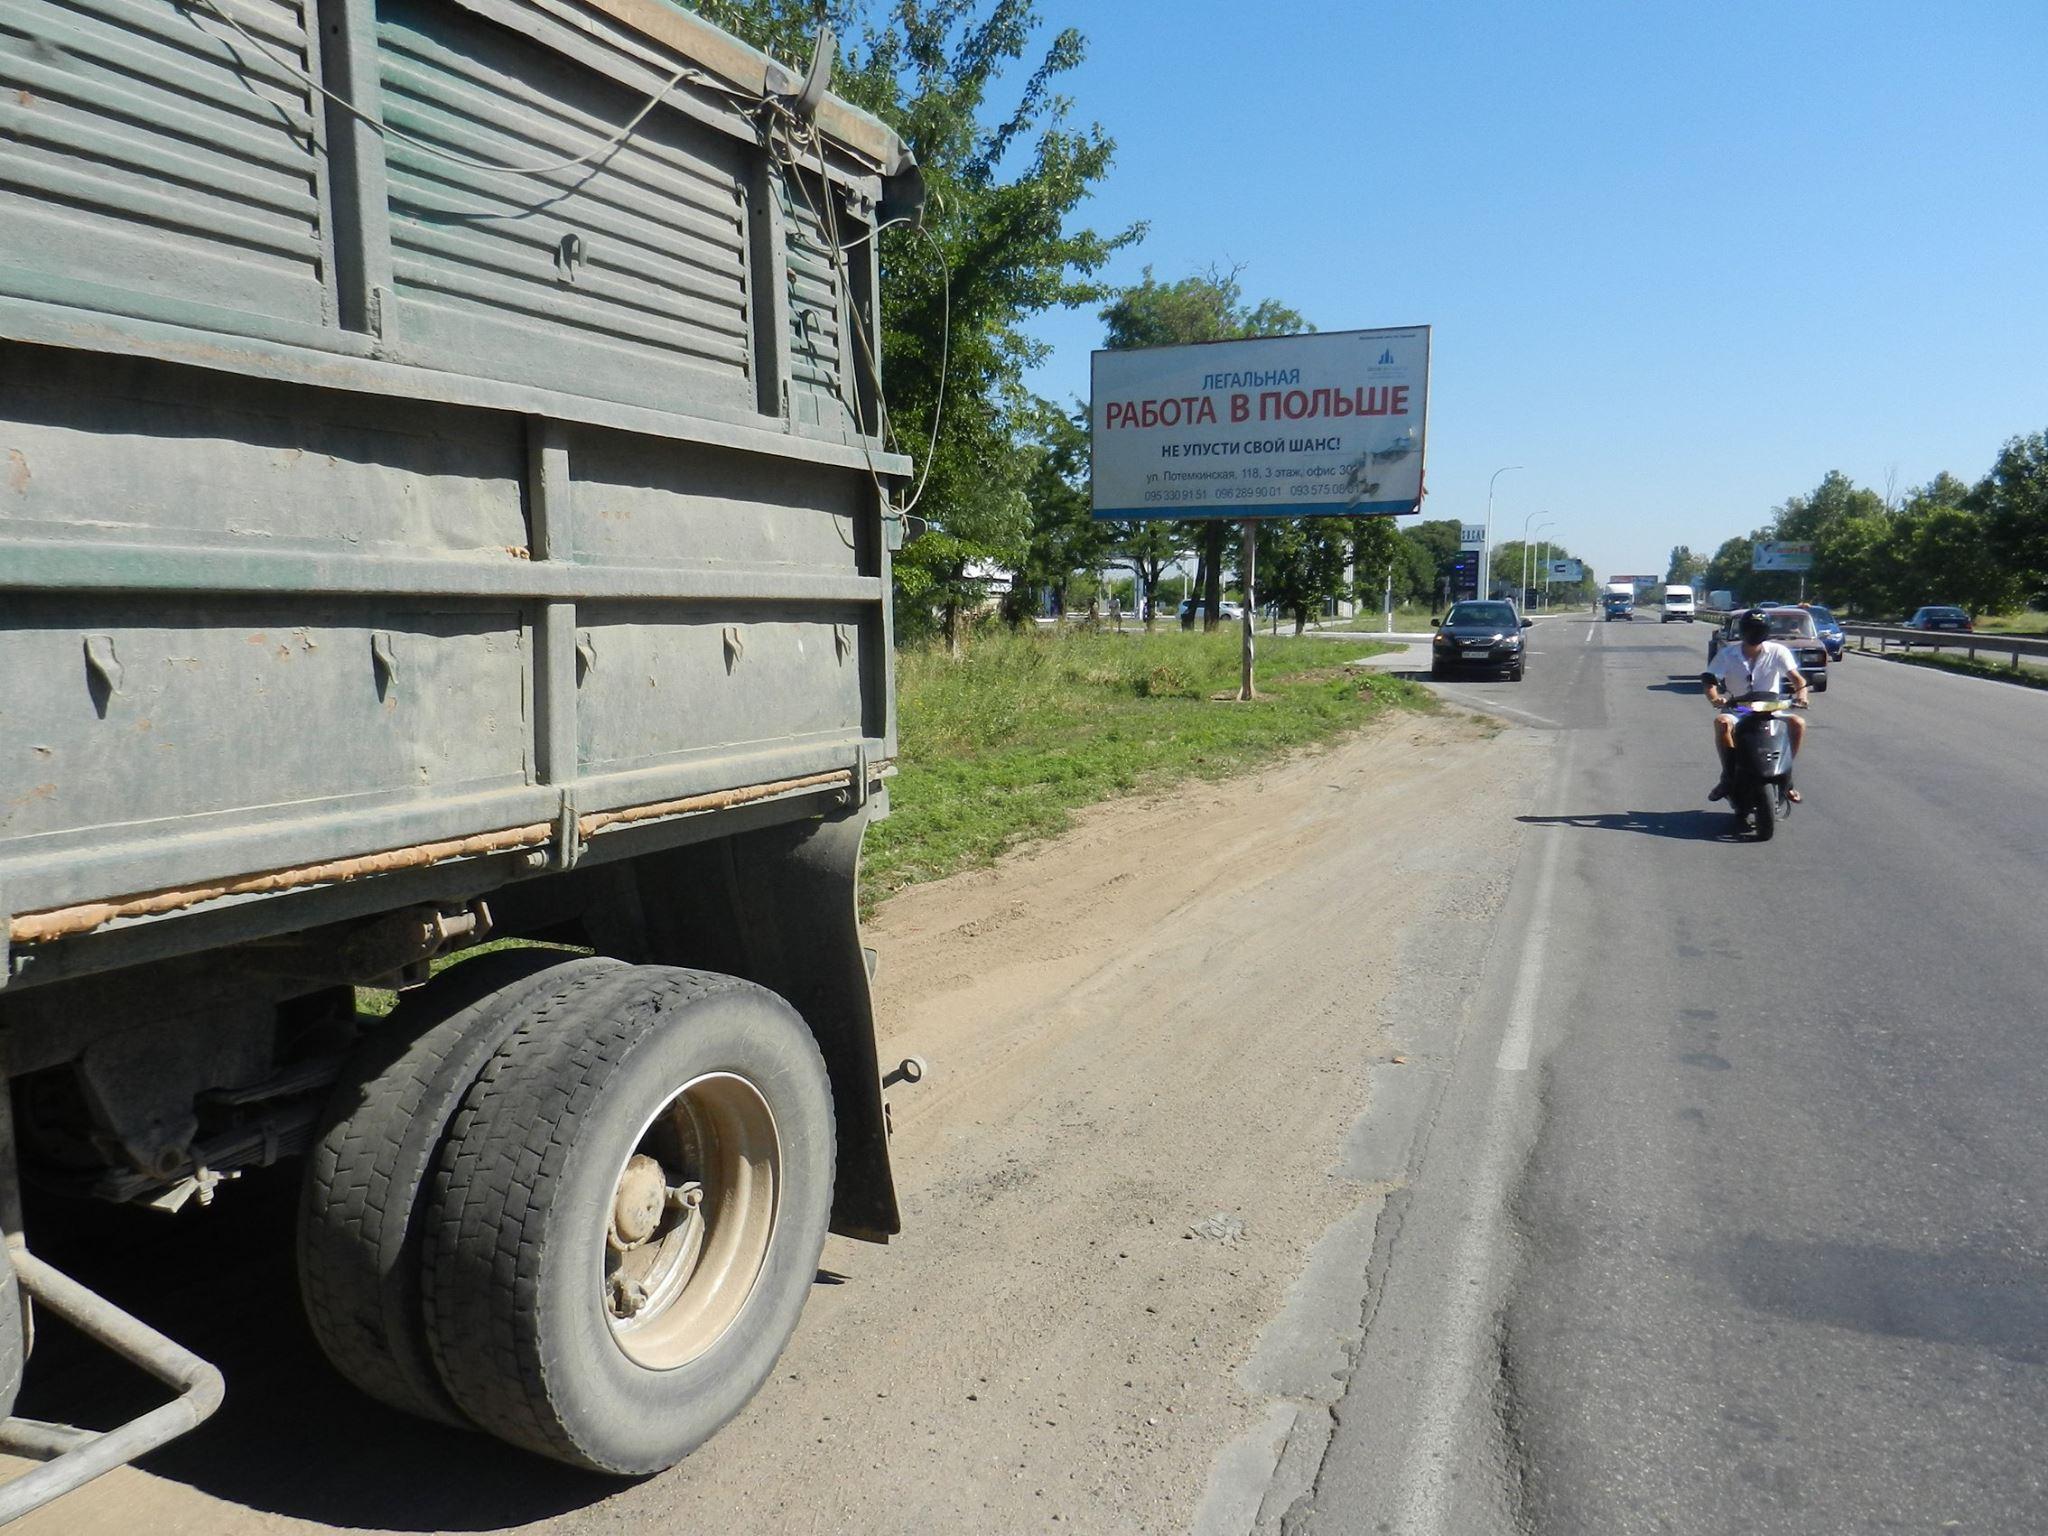 Миколаїв повністю закрили для фур - фото 2